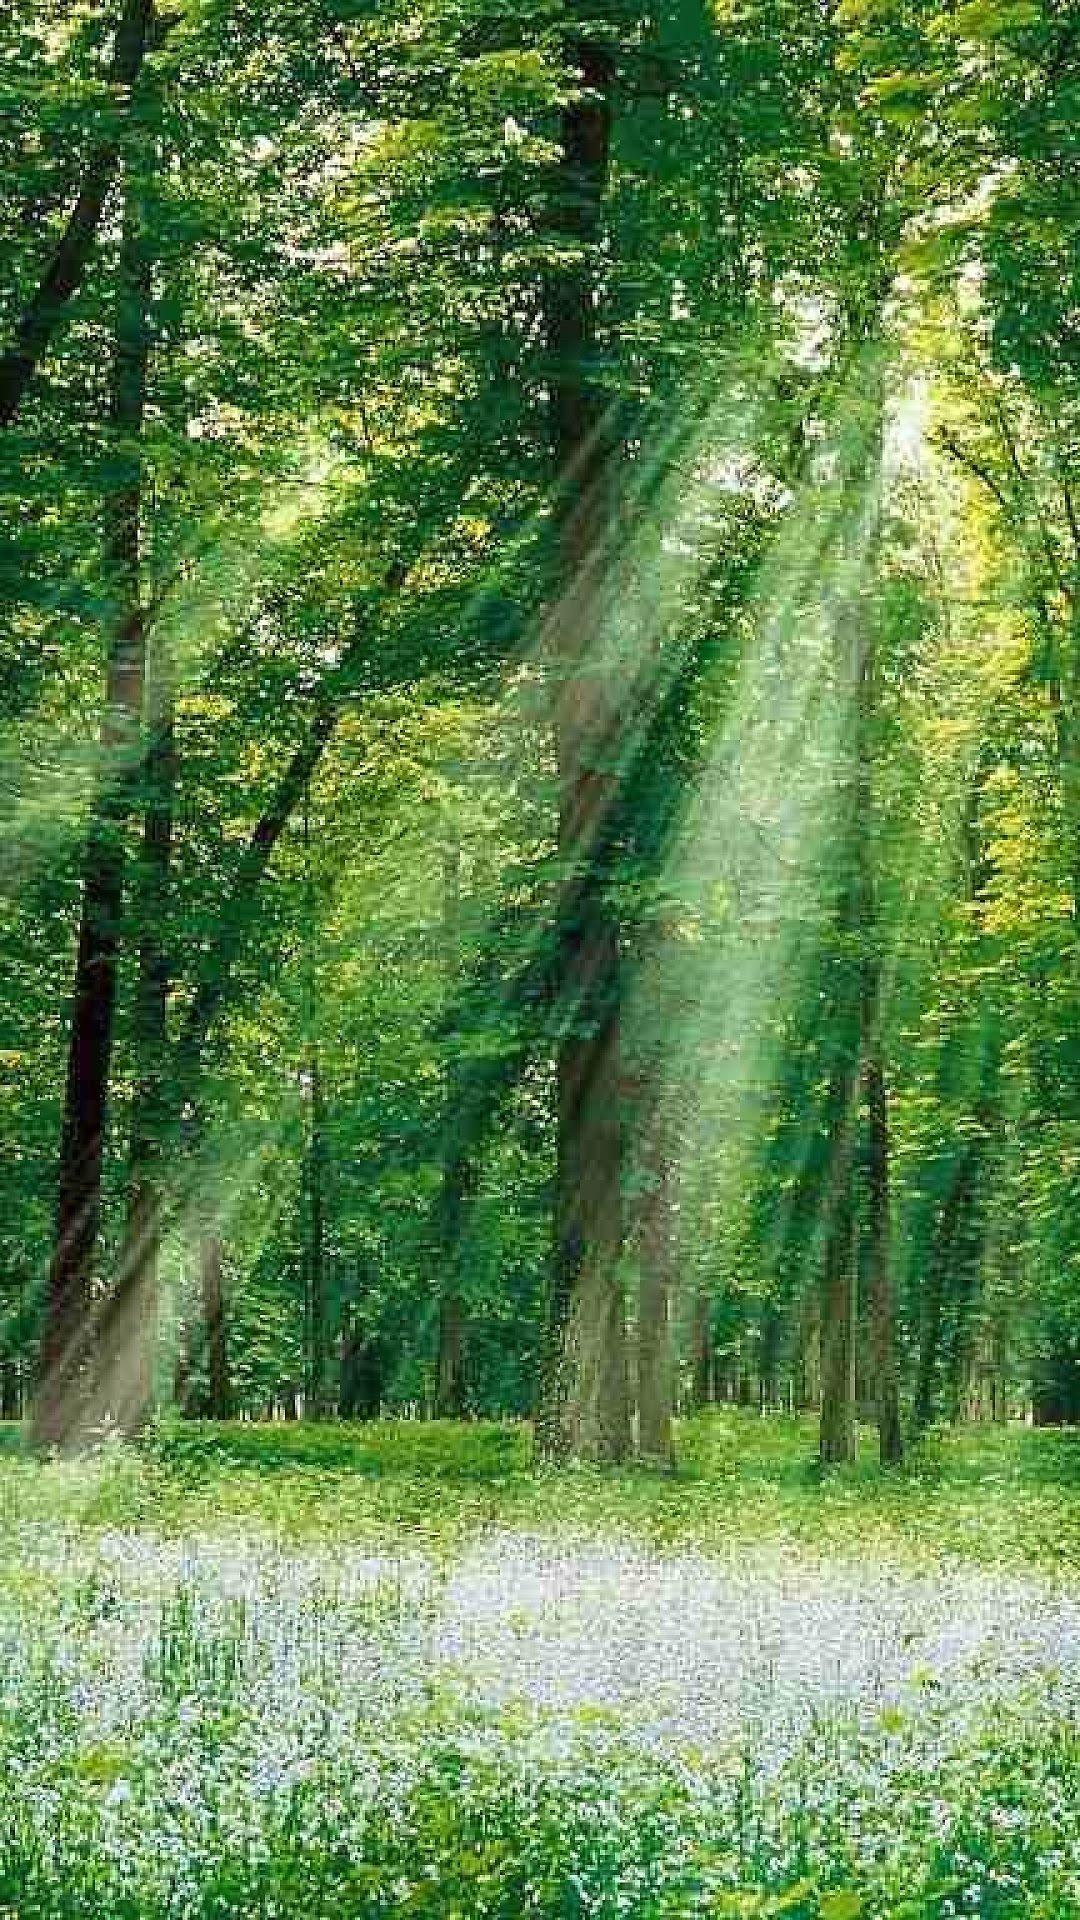 100 壁紙 森林 様々な画像の壁紙